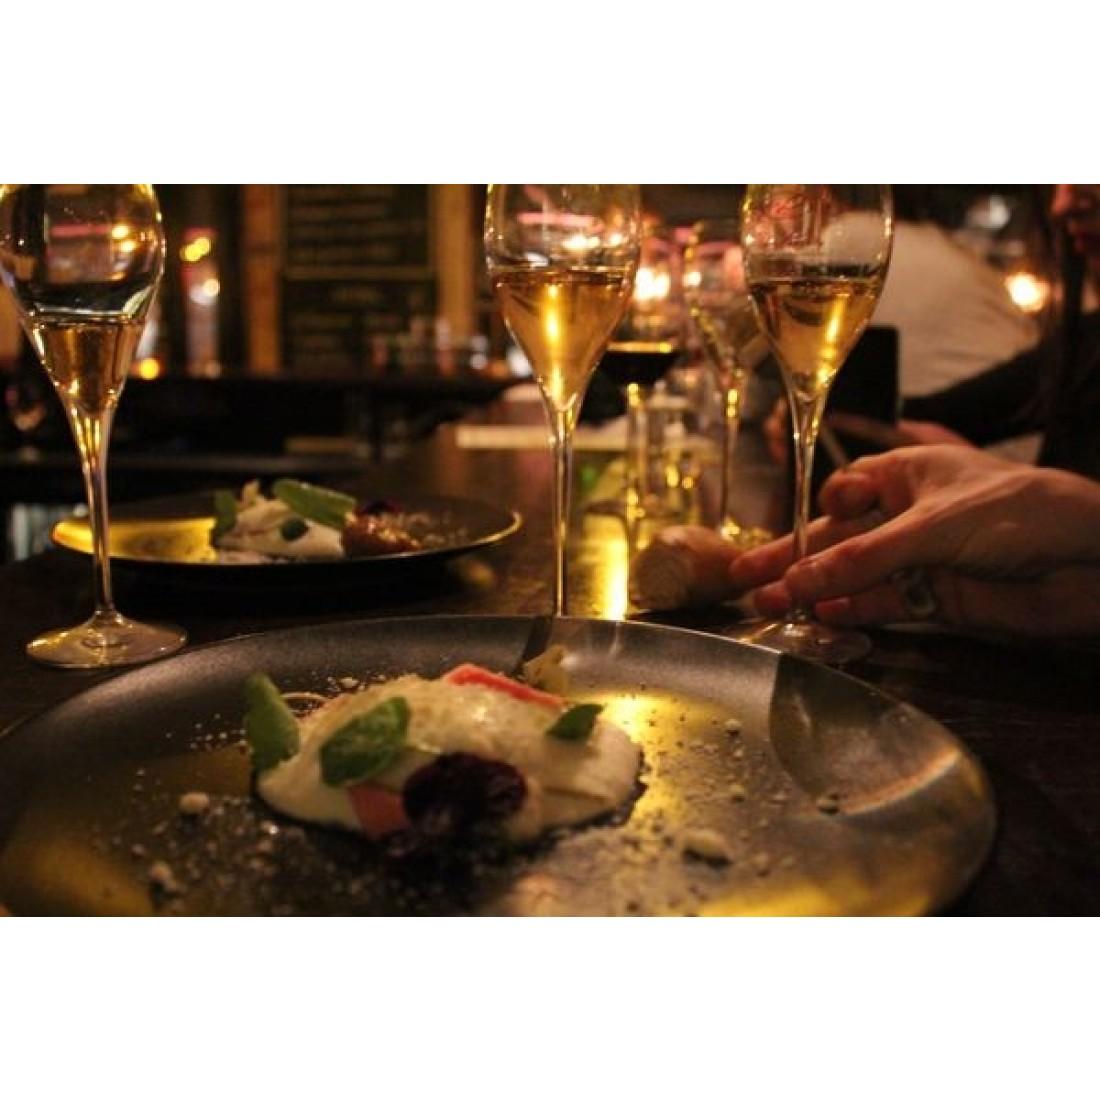 Champagnemiddag på Vesterbro Vinstue Tirsdag den 19 maj kl. 18.30-31